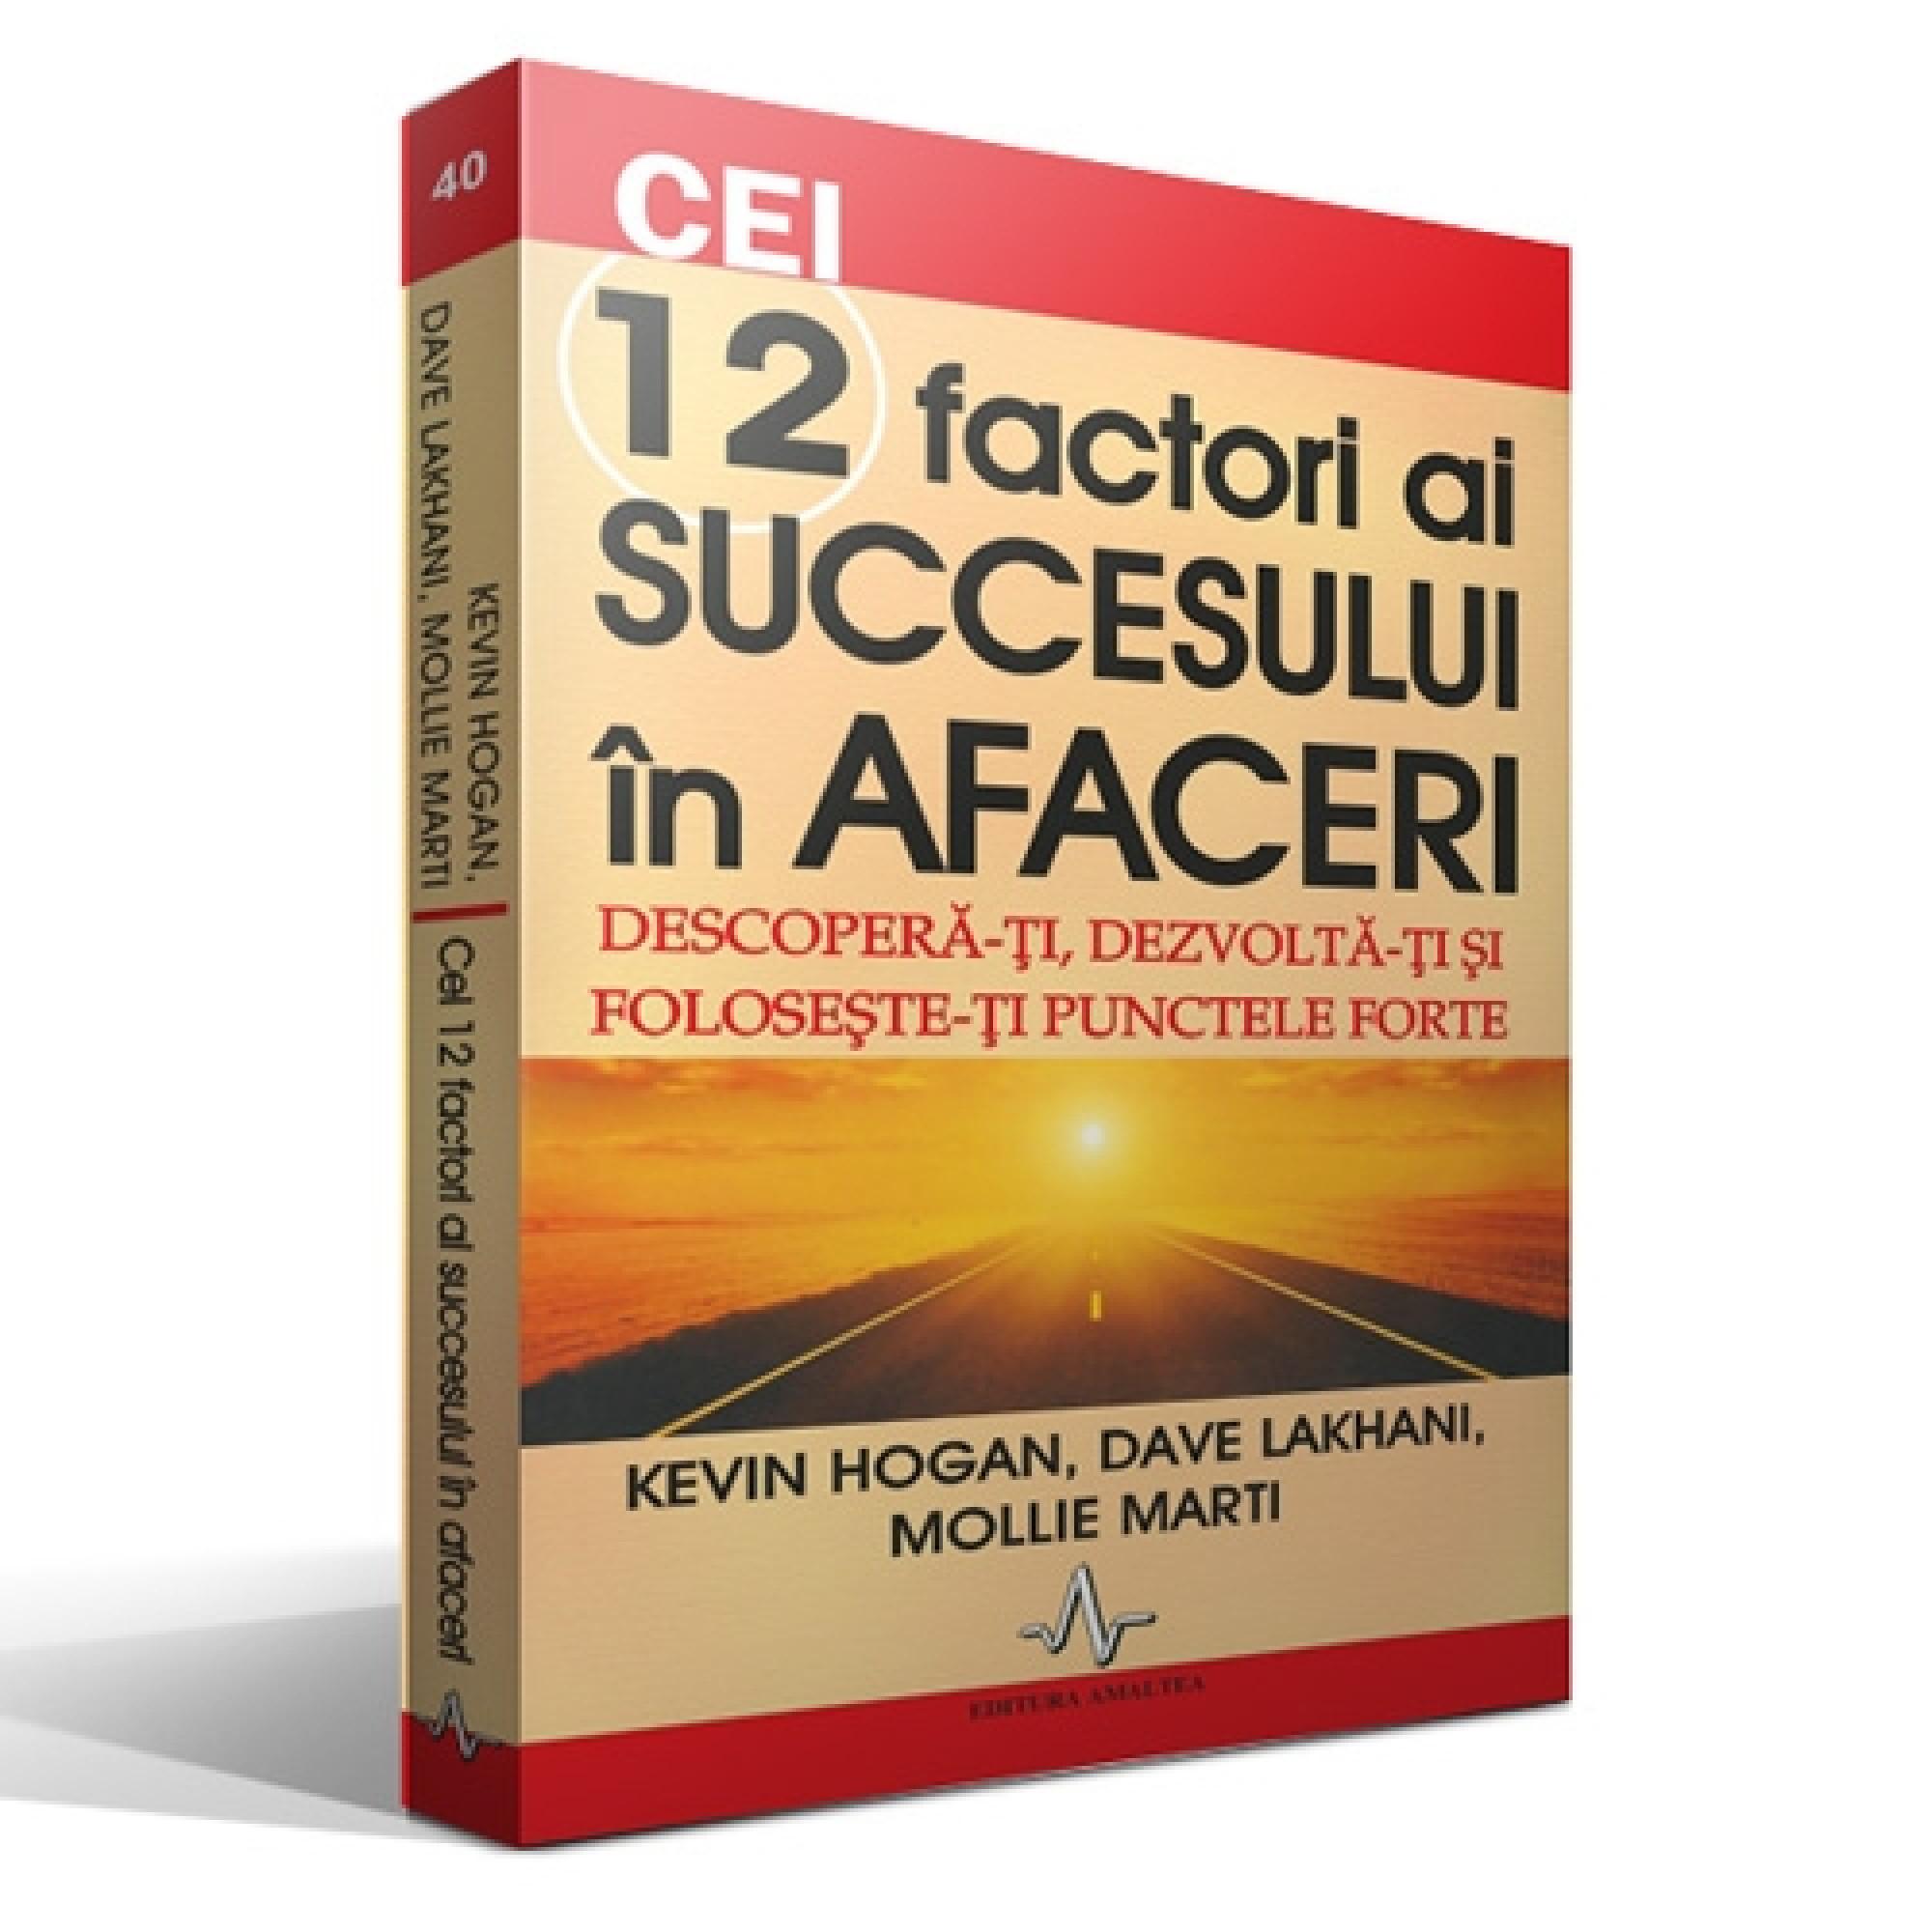 Cei 12 factori ai succesului în afaceri. Descoperă-ți, dezvoltă-ți și folosește-ți punctele forte